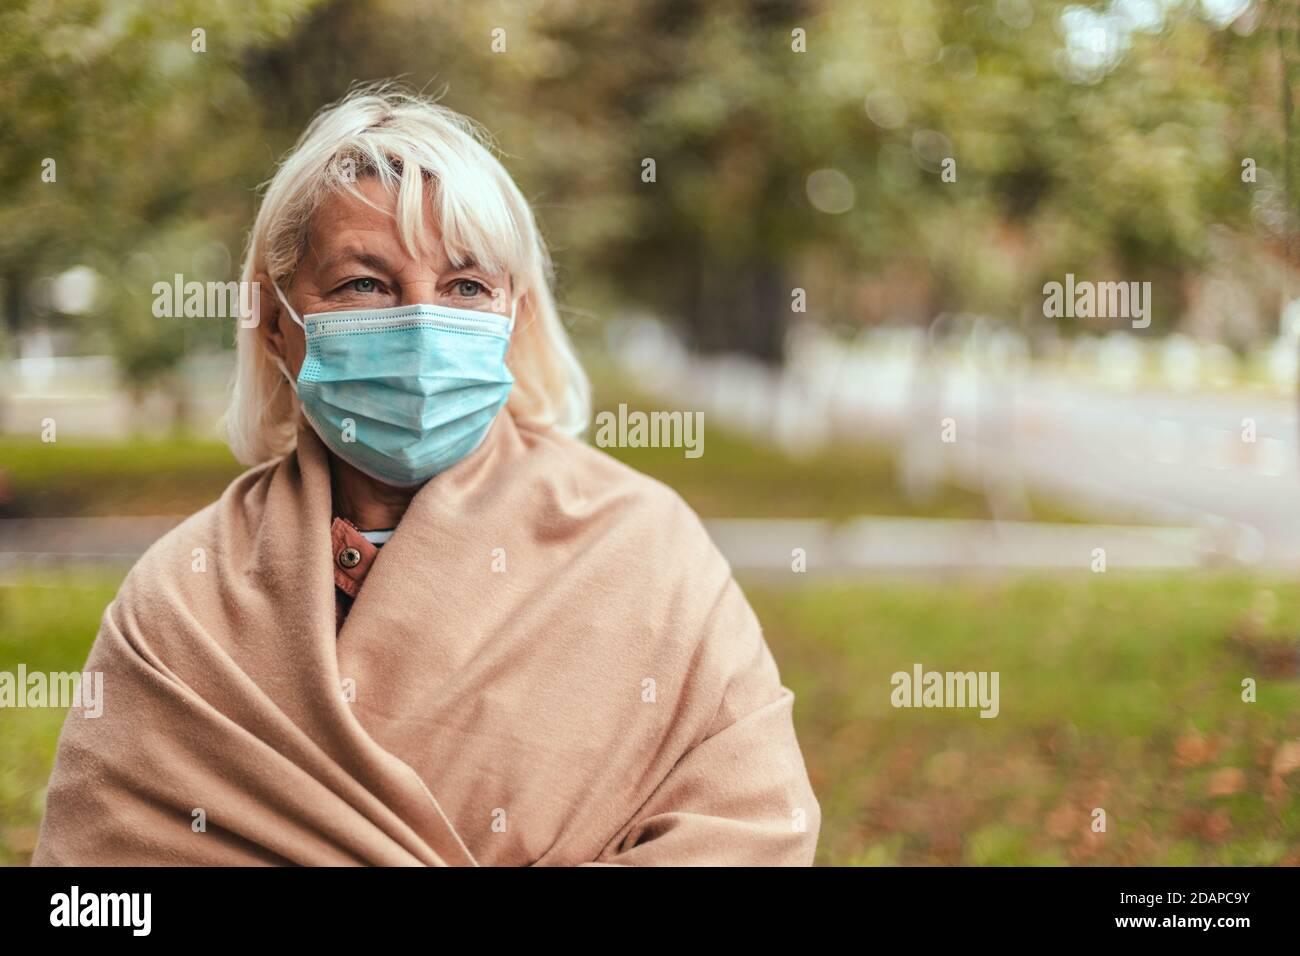 Frau trägt schützende Gesichtsmaske und in einem warmen Kaschmir Schal im Park im Freien während Quarantäne von Coronavirus Pandemie. Kopieren, leerer Platz für Text Stockfoto